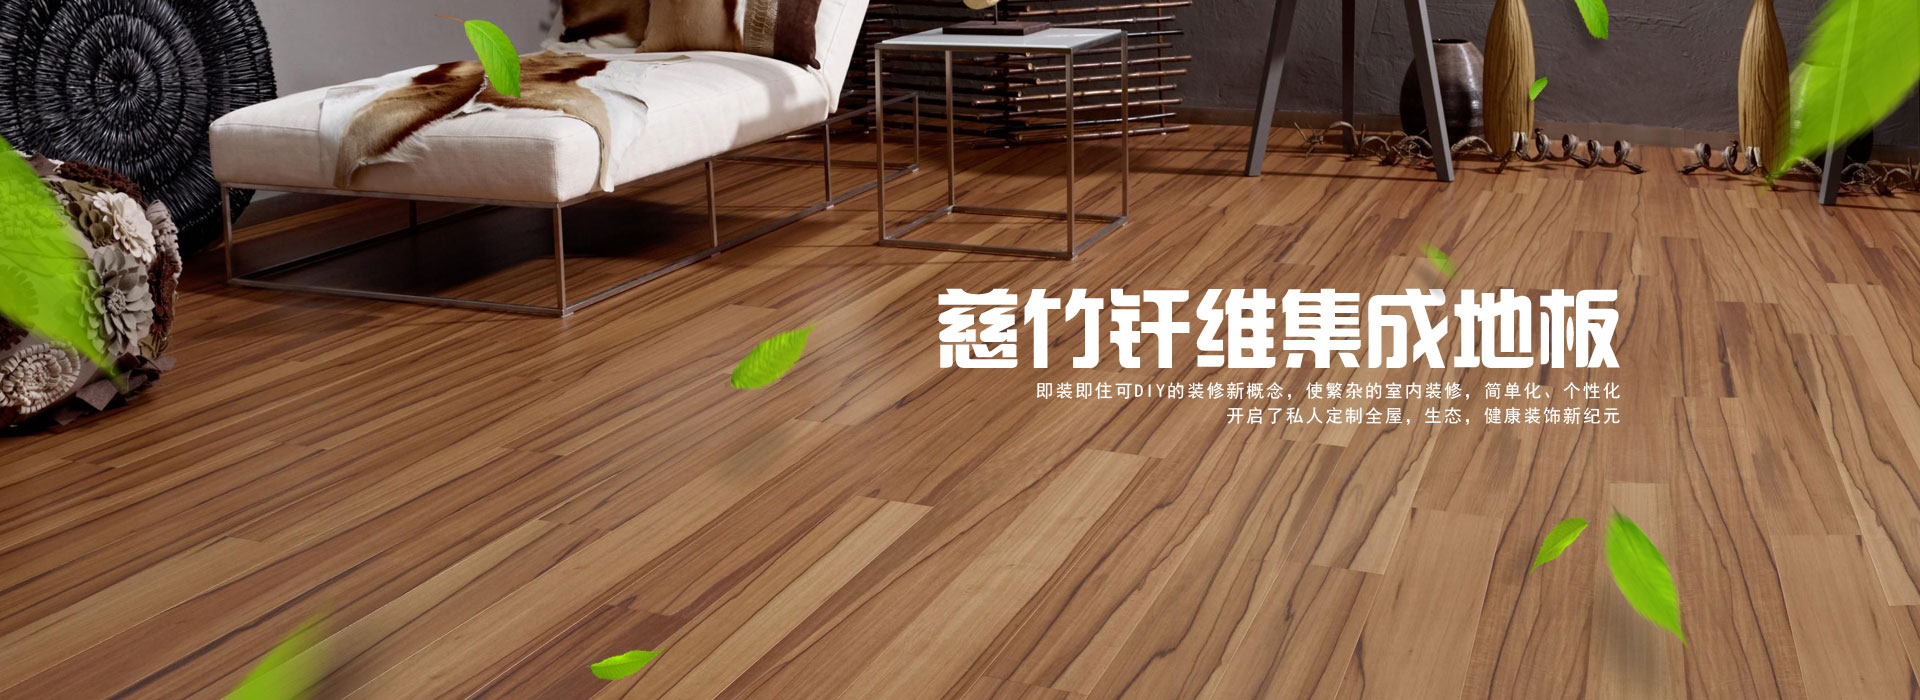 竹纤维集成地板